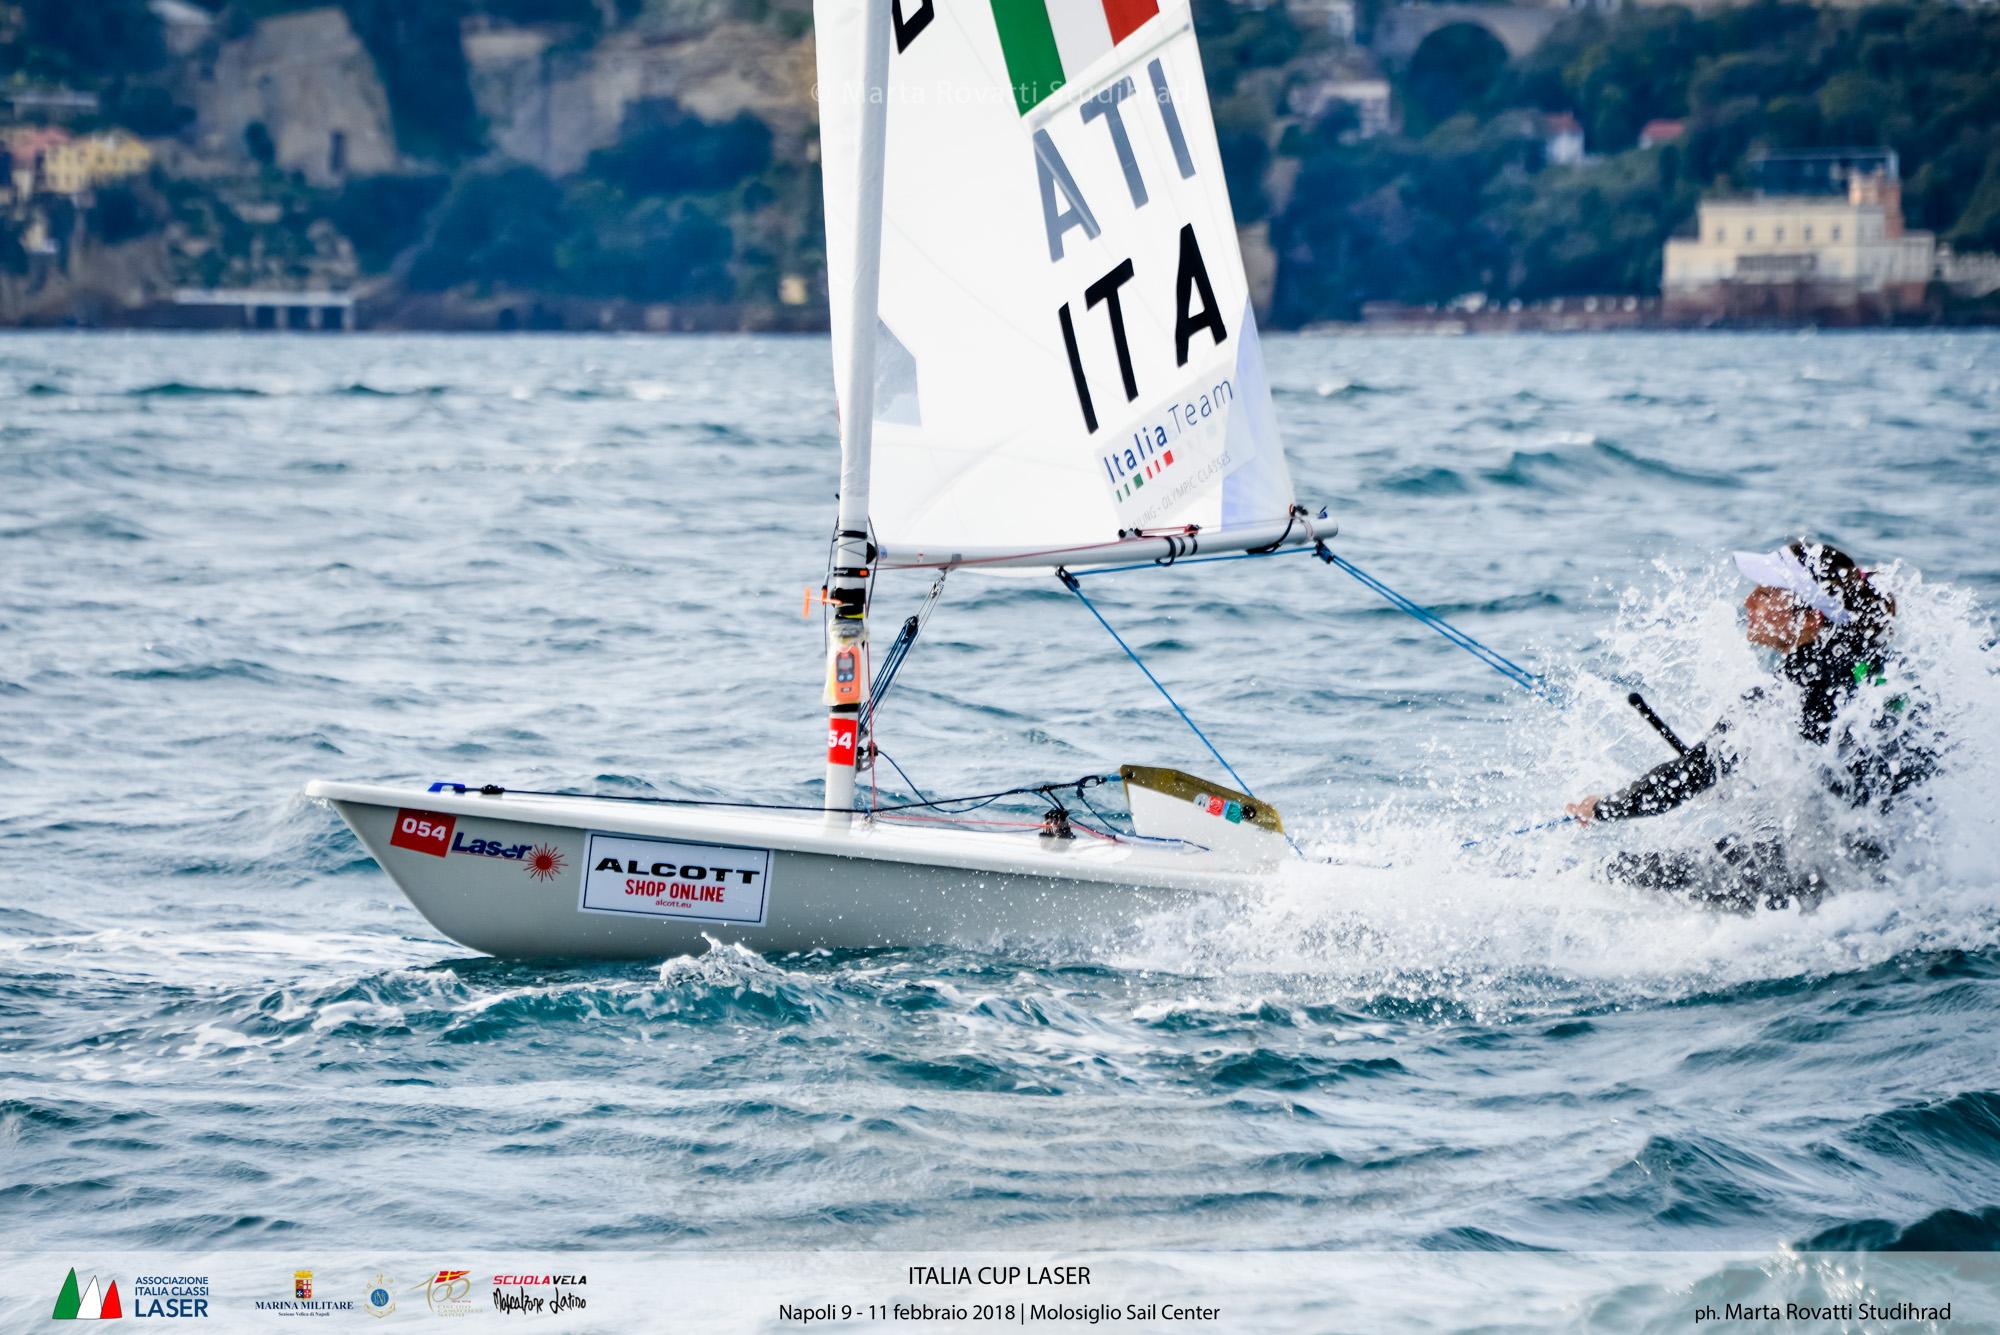 Associazione-Italia-Classi-Laser-2018-NapoliMGR_2805